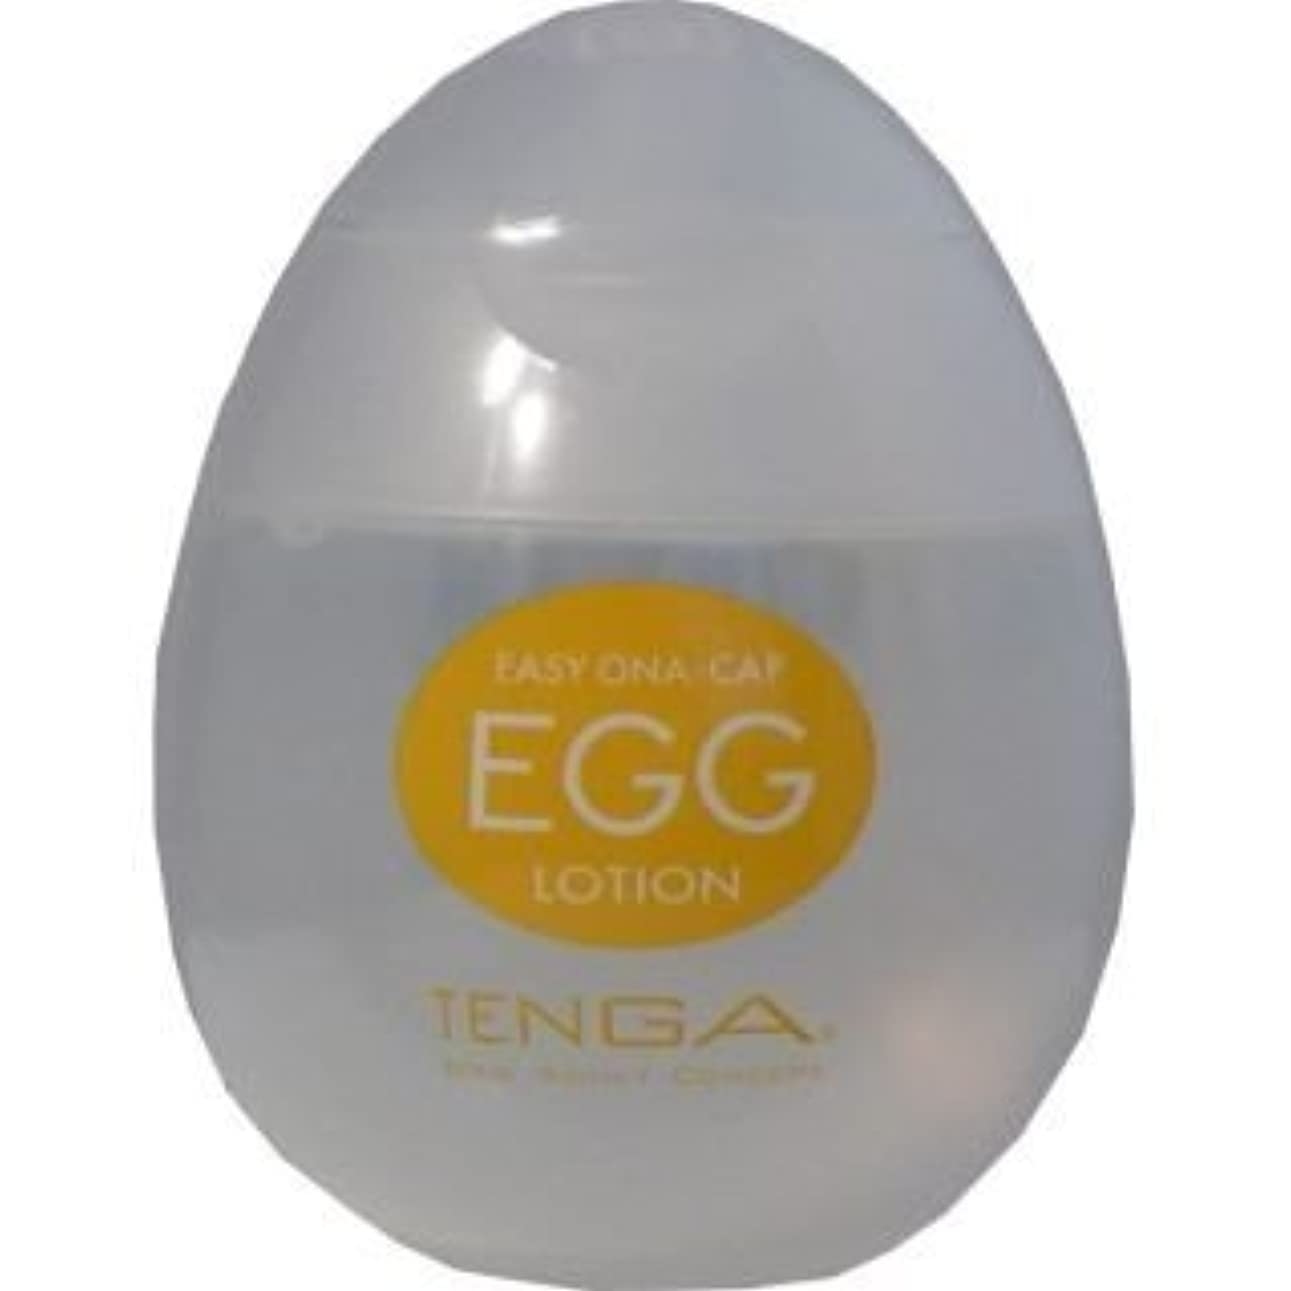 大きさジョージスティーブンソンブラジャー保湿成分配合で潤い長持ち!TENGA(テンガ) EGG LOTION(エッグローション) EGGL-001【5個セット】